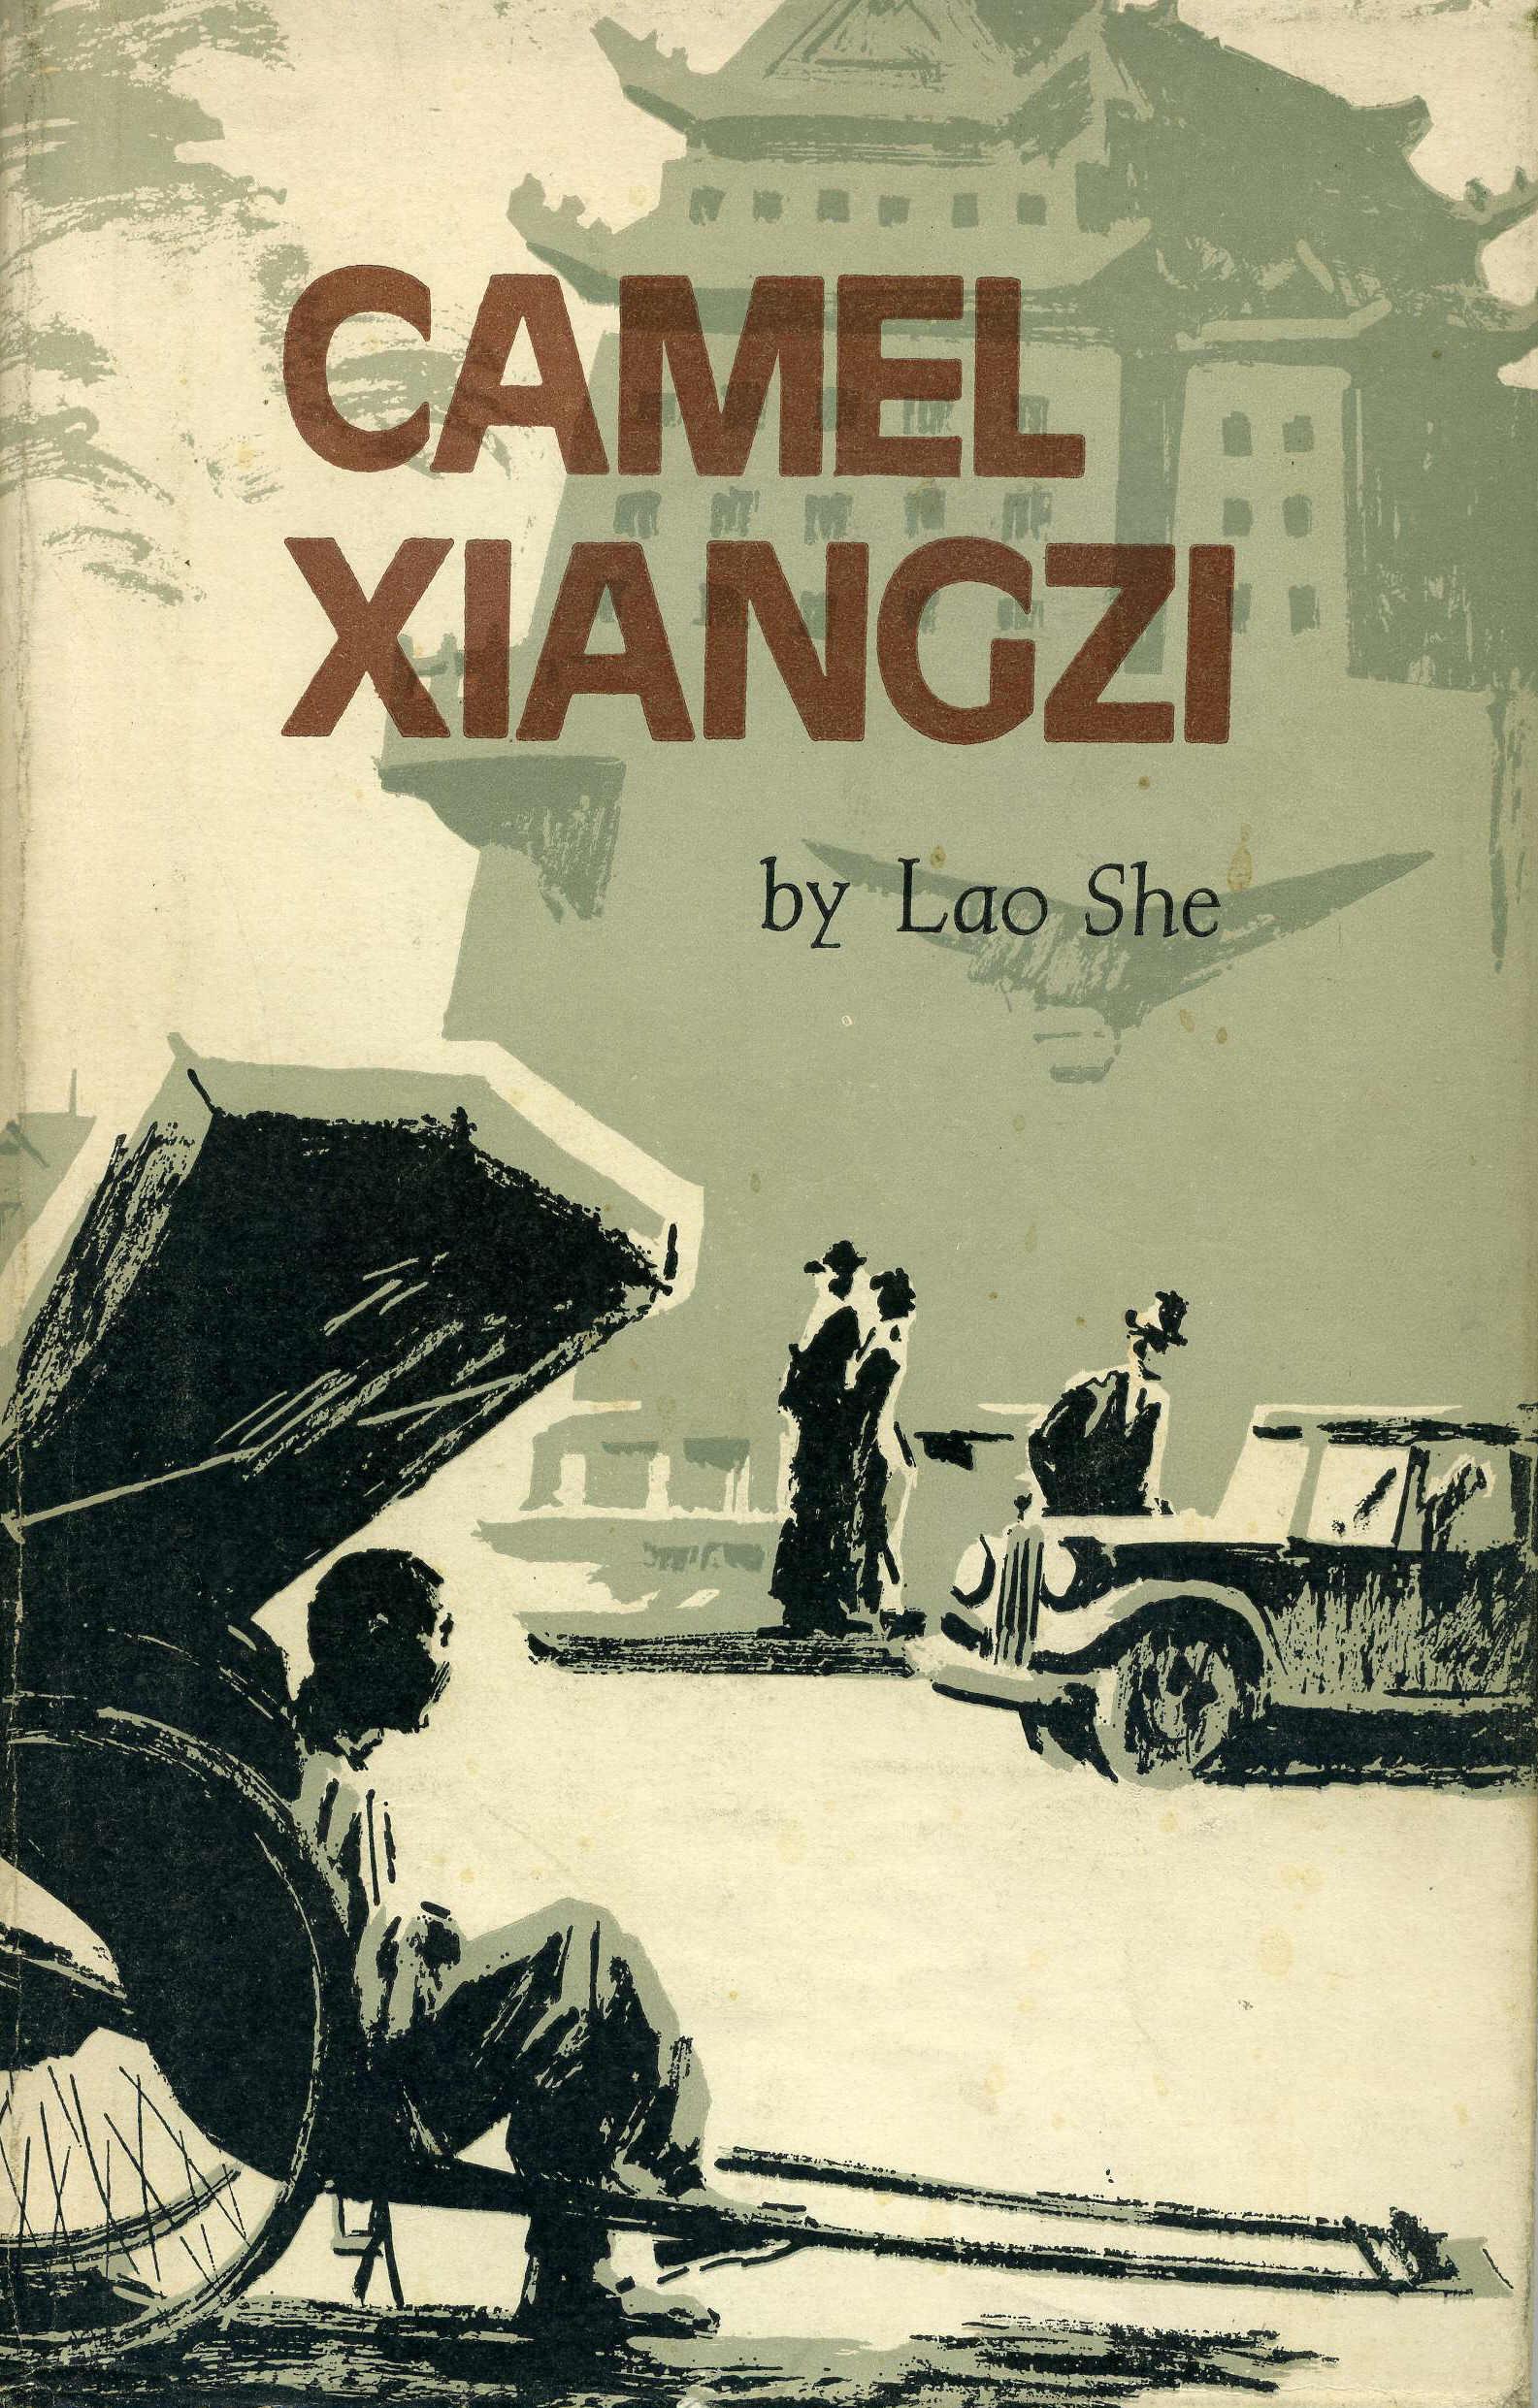 Camel - Xiangzi